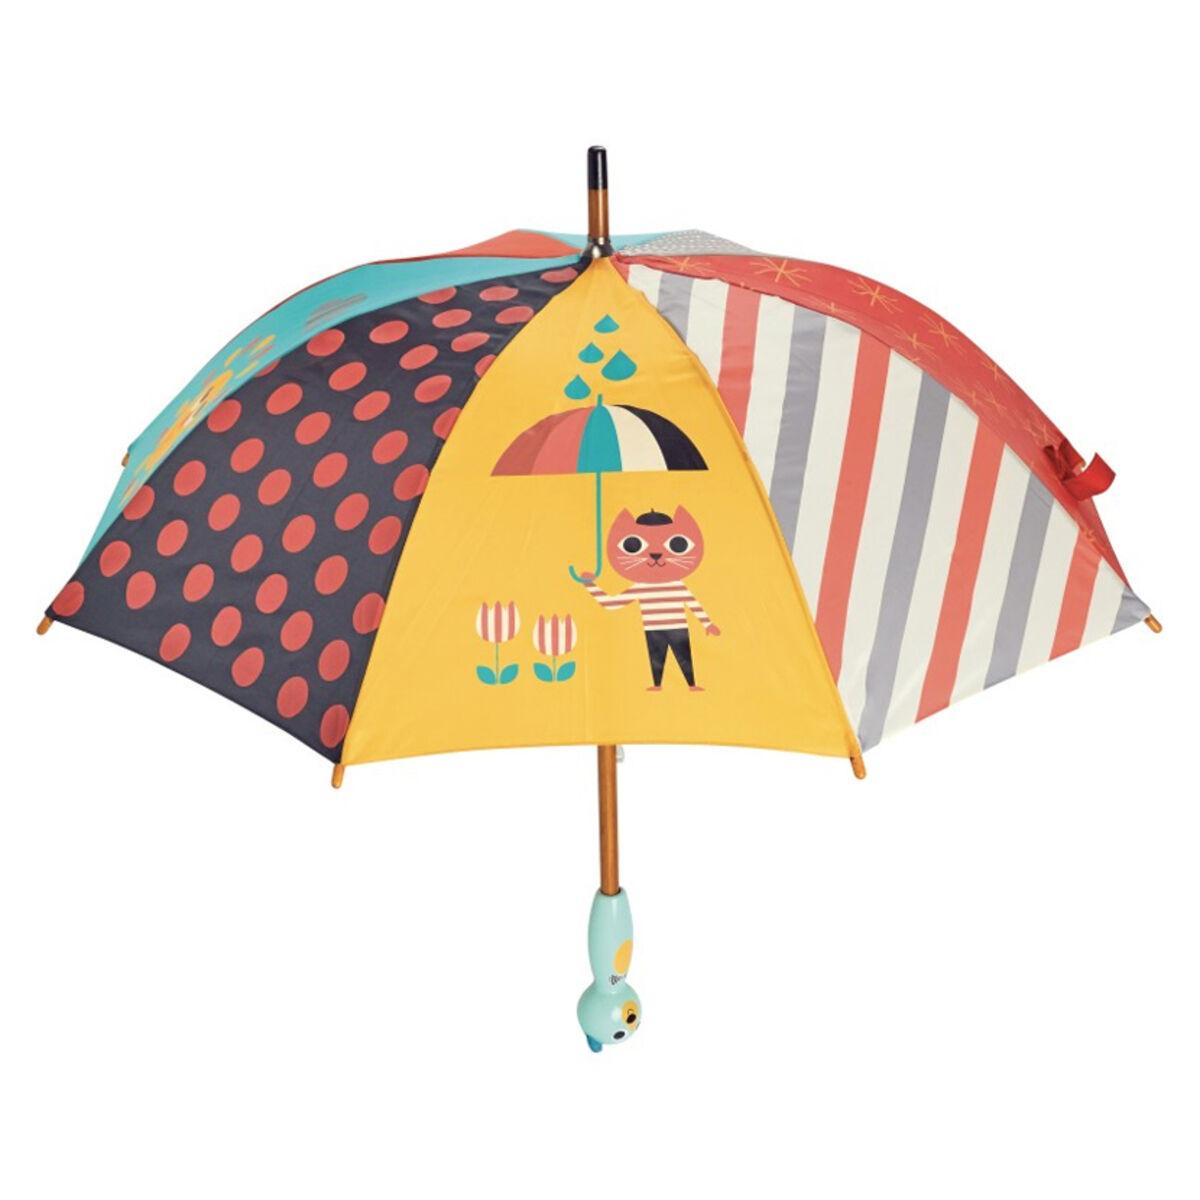 Vilac Parapluie Ingela P. Arrhenius - Ours